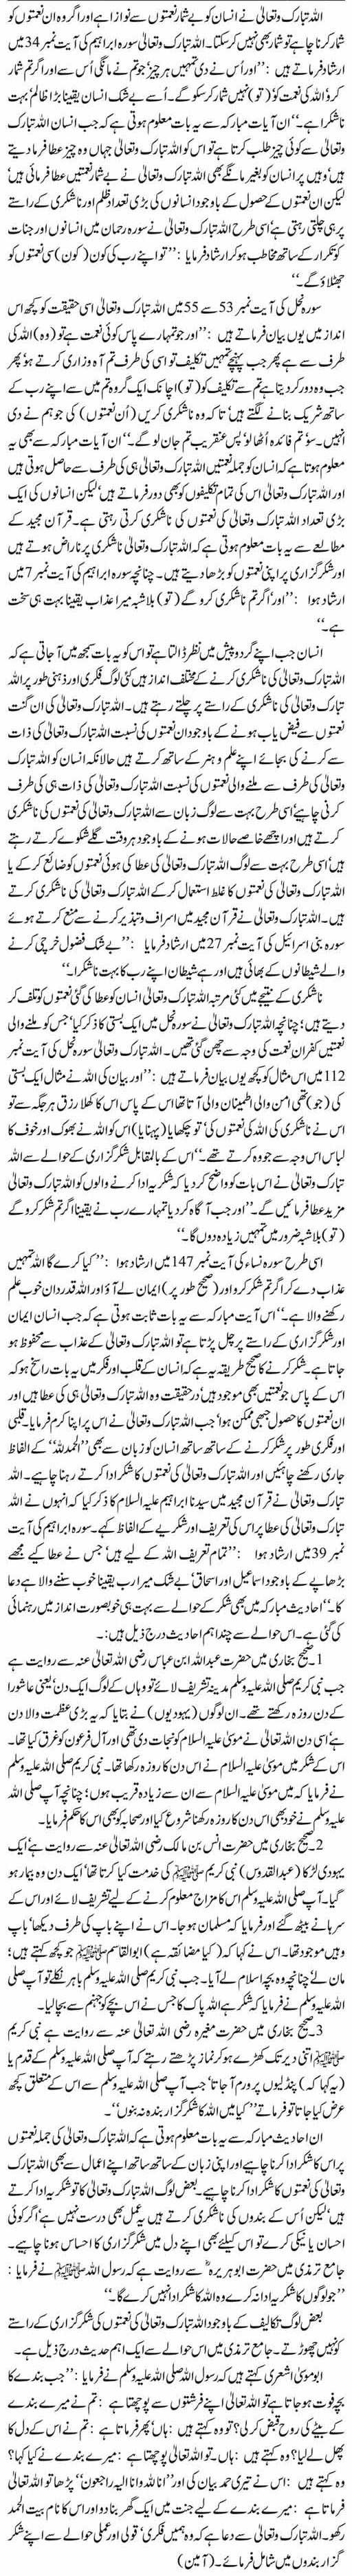 Shukar Guzari Kay Fawaid